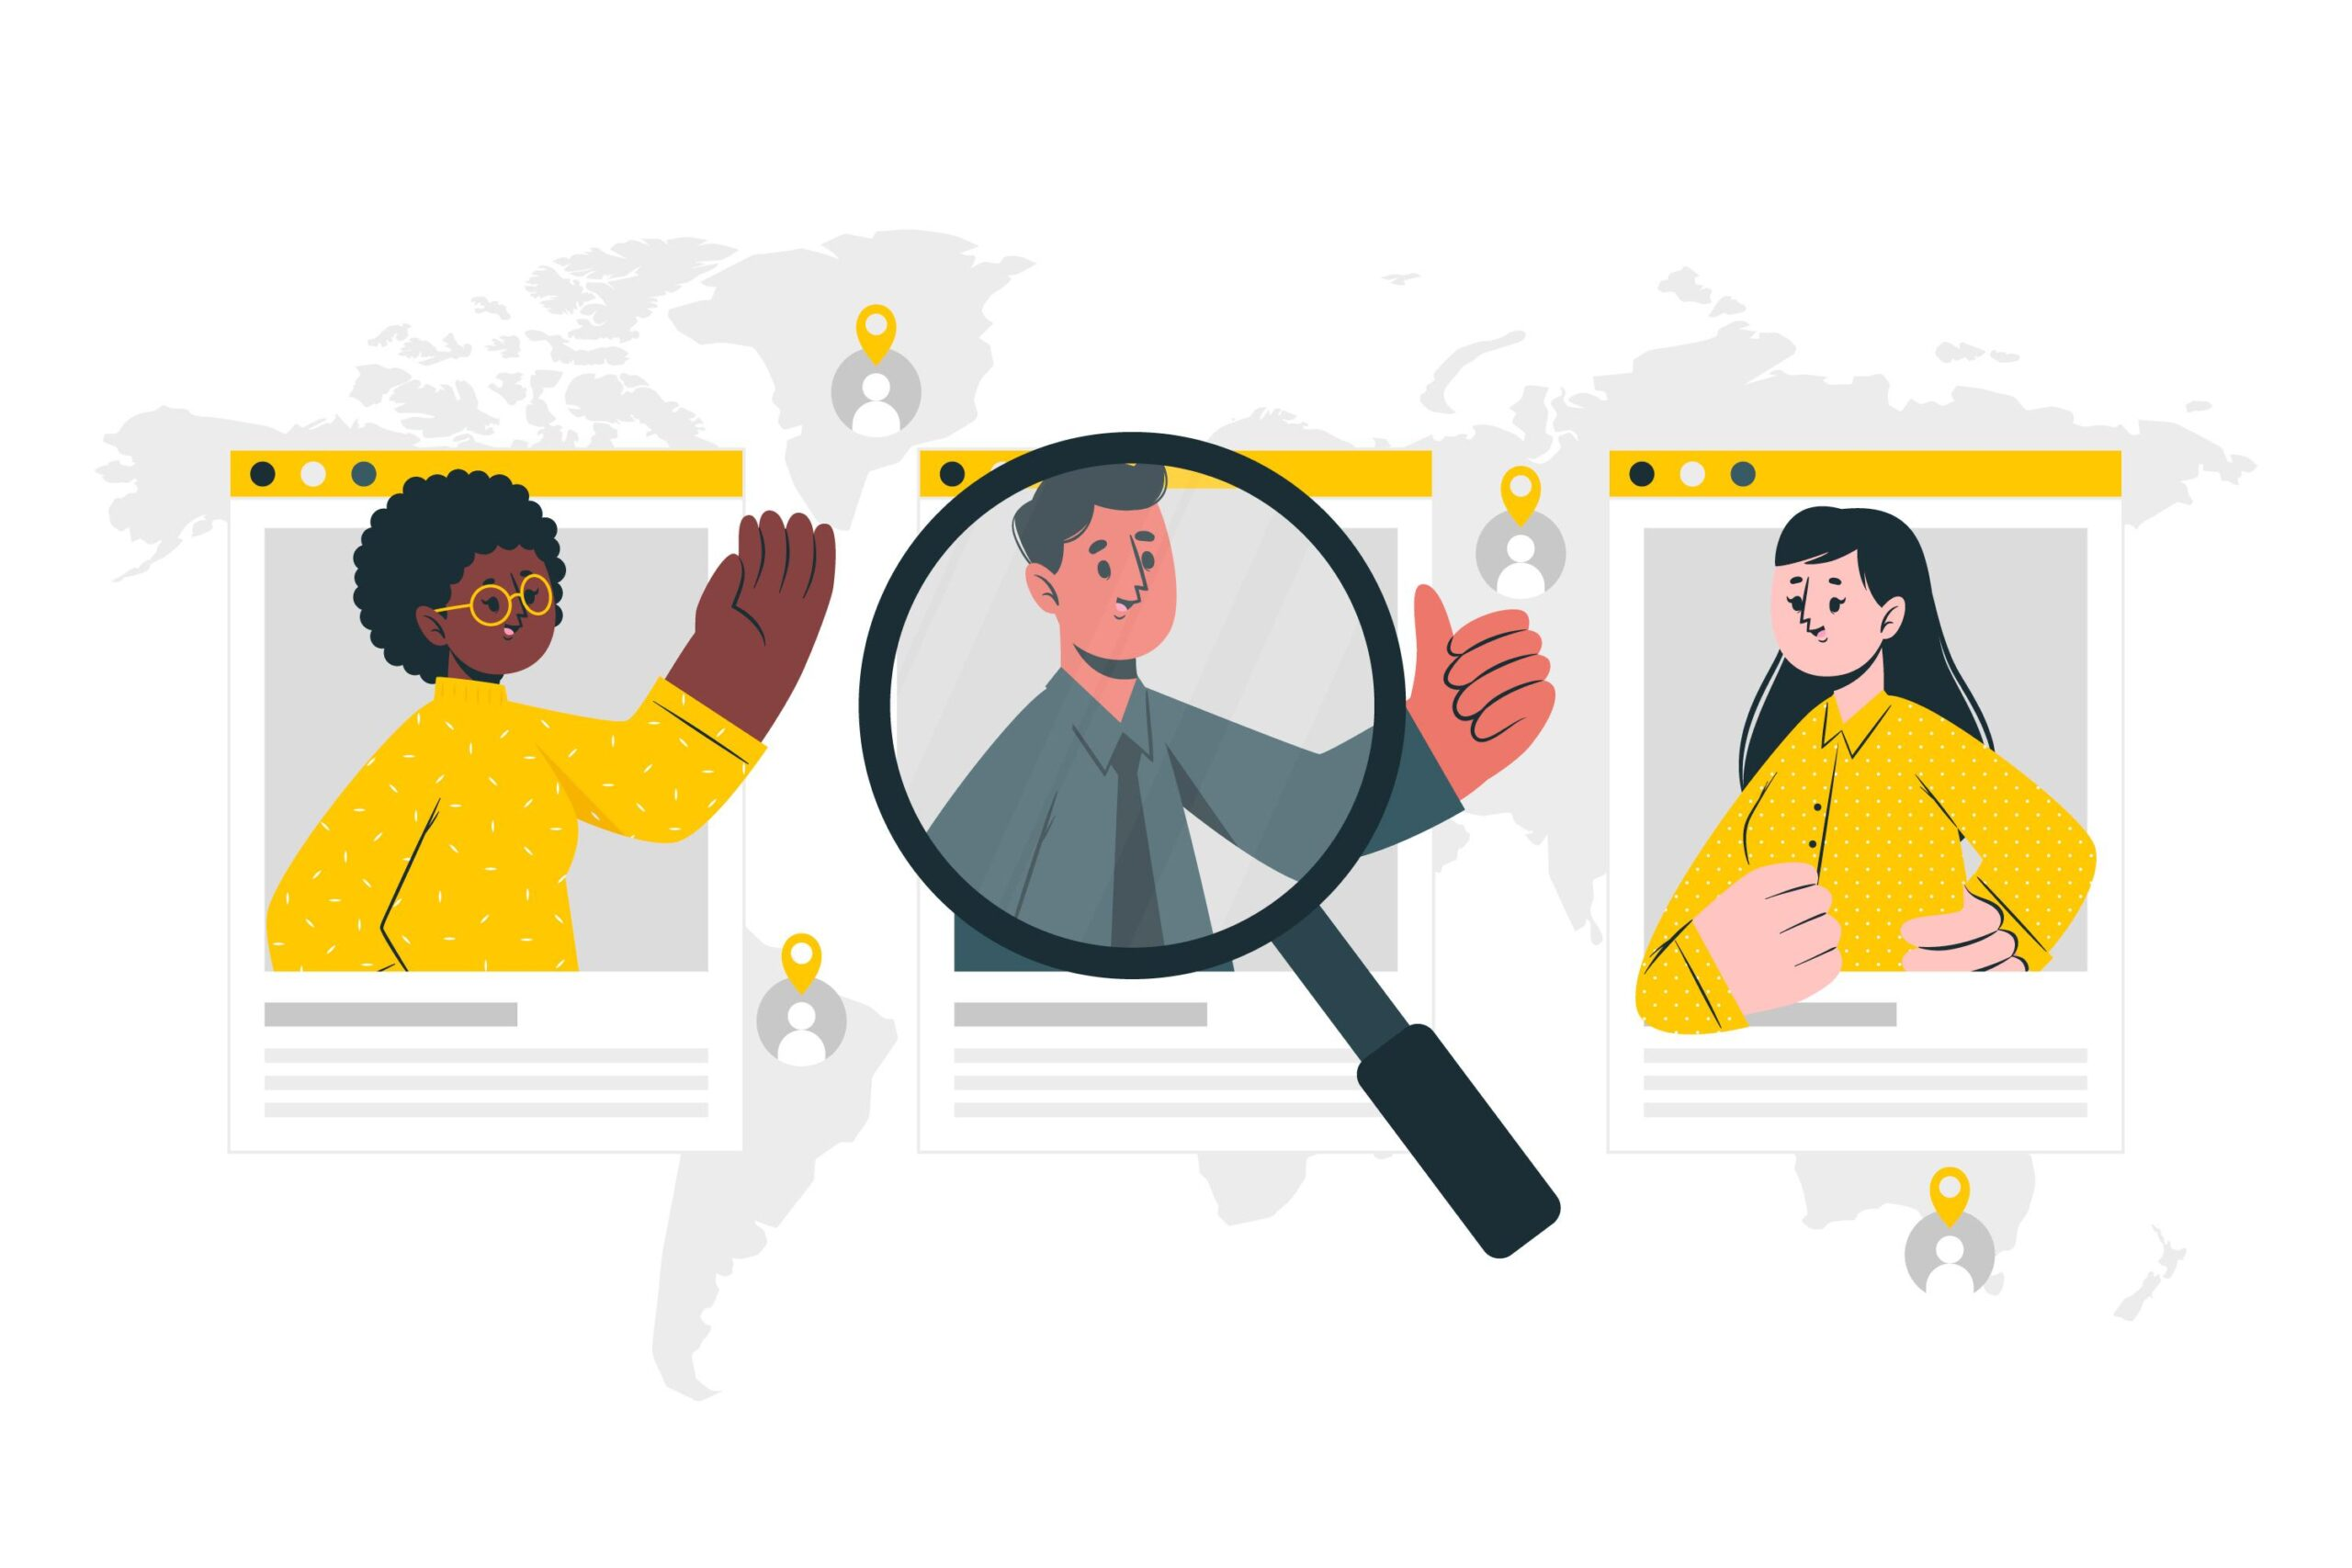 audiencia-clases-gratis-google-Lima-Perú